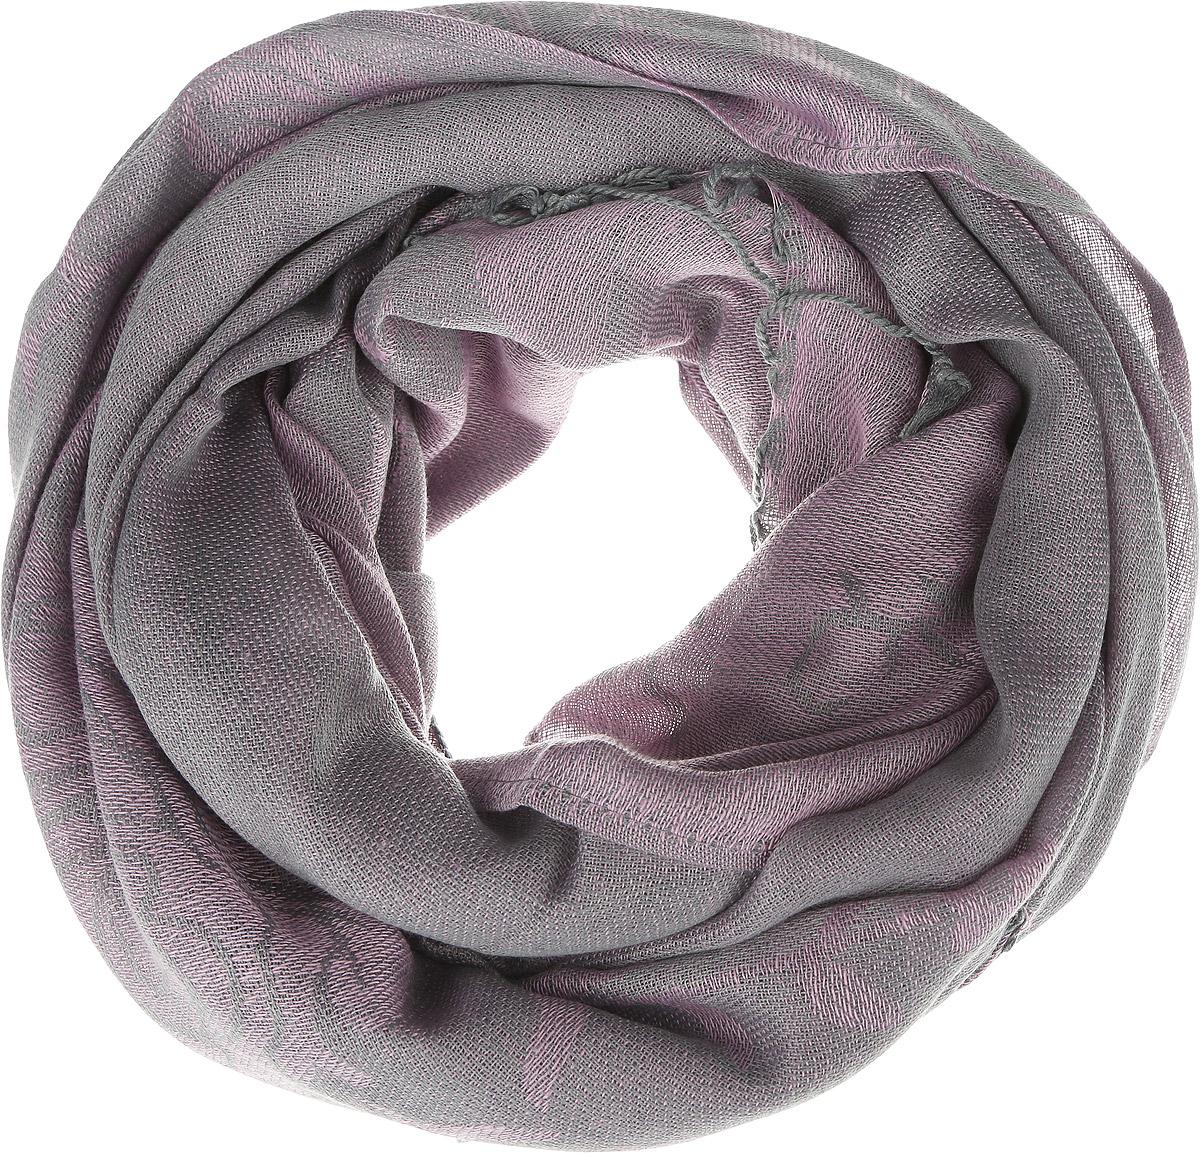 SCw-142/457-6302Модный женский шарф Sela подарит вам уют и станет стильным аксессуаром, который призван подчеркнуть вашу индивидуальность и женственность. Теплый шарф выполнен из полиэстера, он невероятно мягкий и приятный на ощупь. Шарф оформлен оригинальным цветочным узором и украшен бахромой в виде жгутиков по краям. Этот модный аксессуар гармонично дополнит образ современной женщины, следящей за своим имиджем и стремящейся всегда оставаться стильной и элегантной. Такой шарф украсит любой наряд и согреет вас в непогоду, с ним вы всегда будете выглядеть изысканно и оригинально.